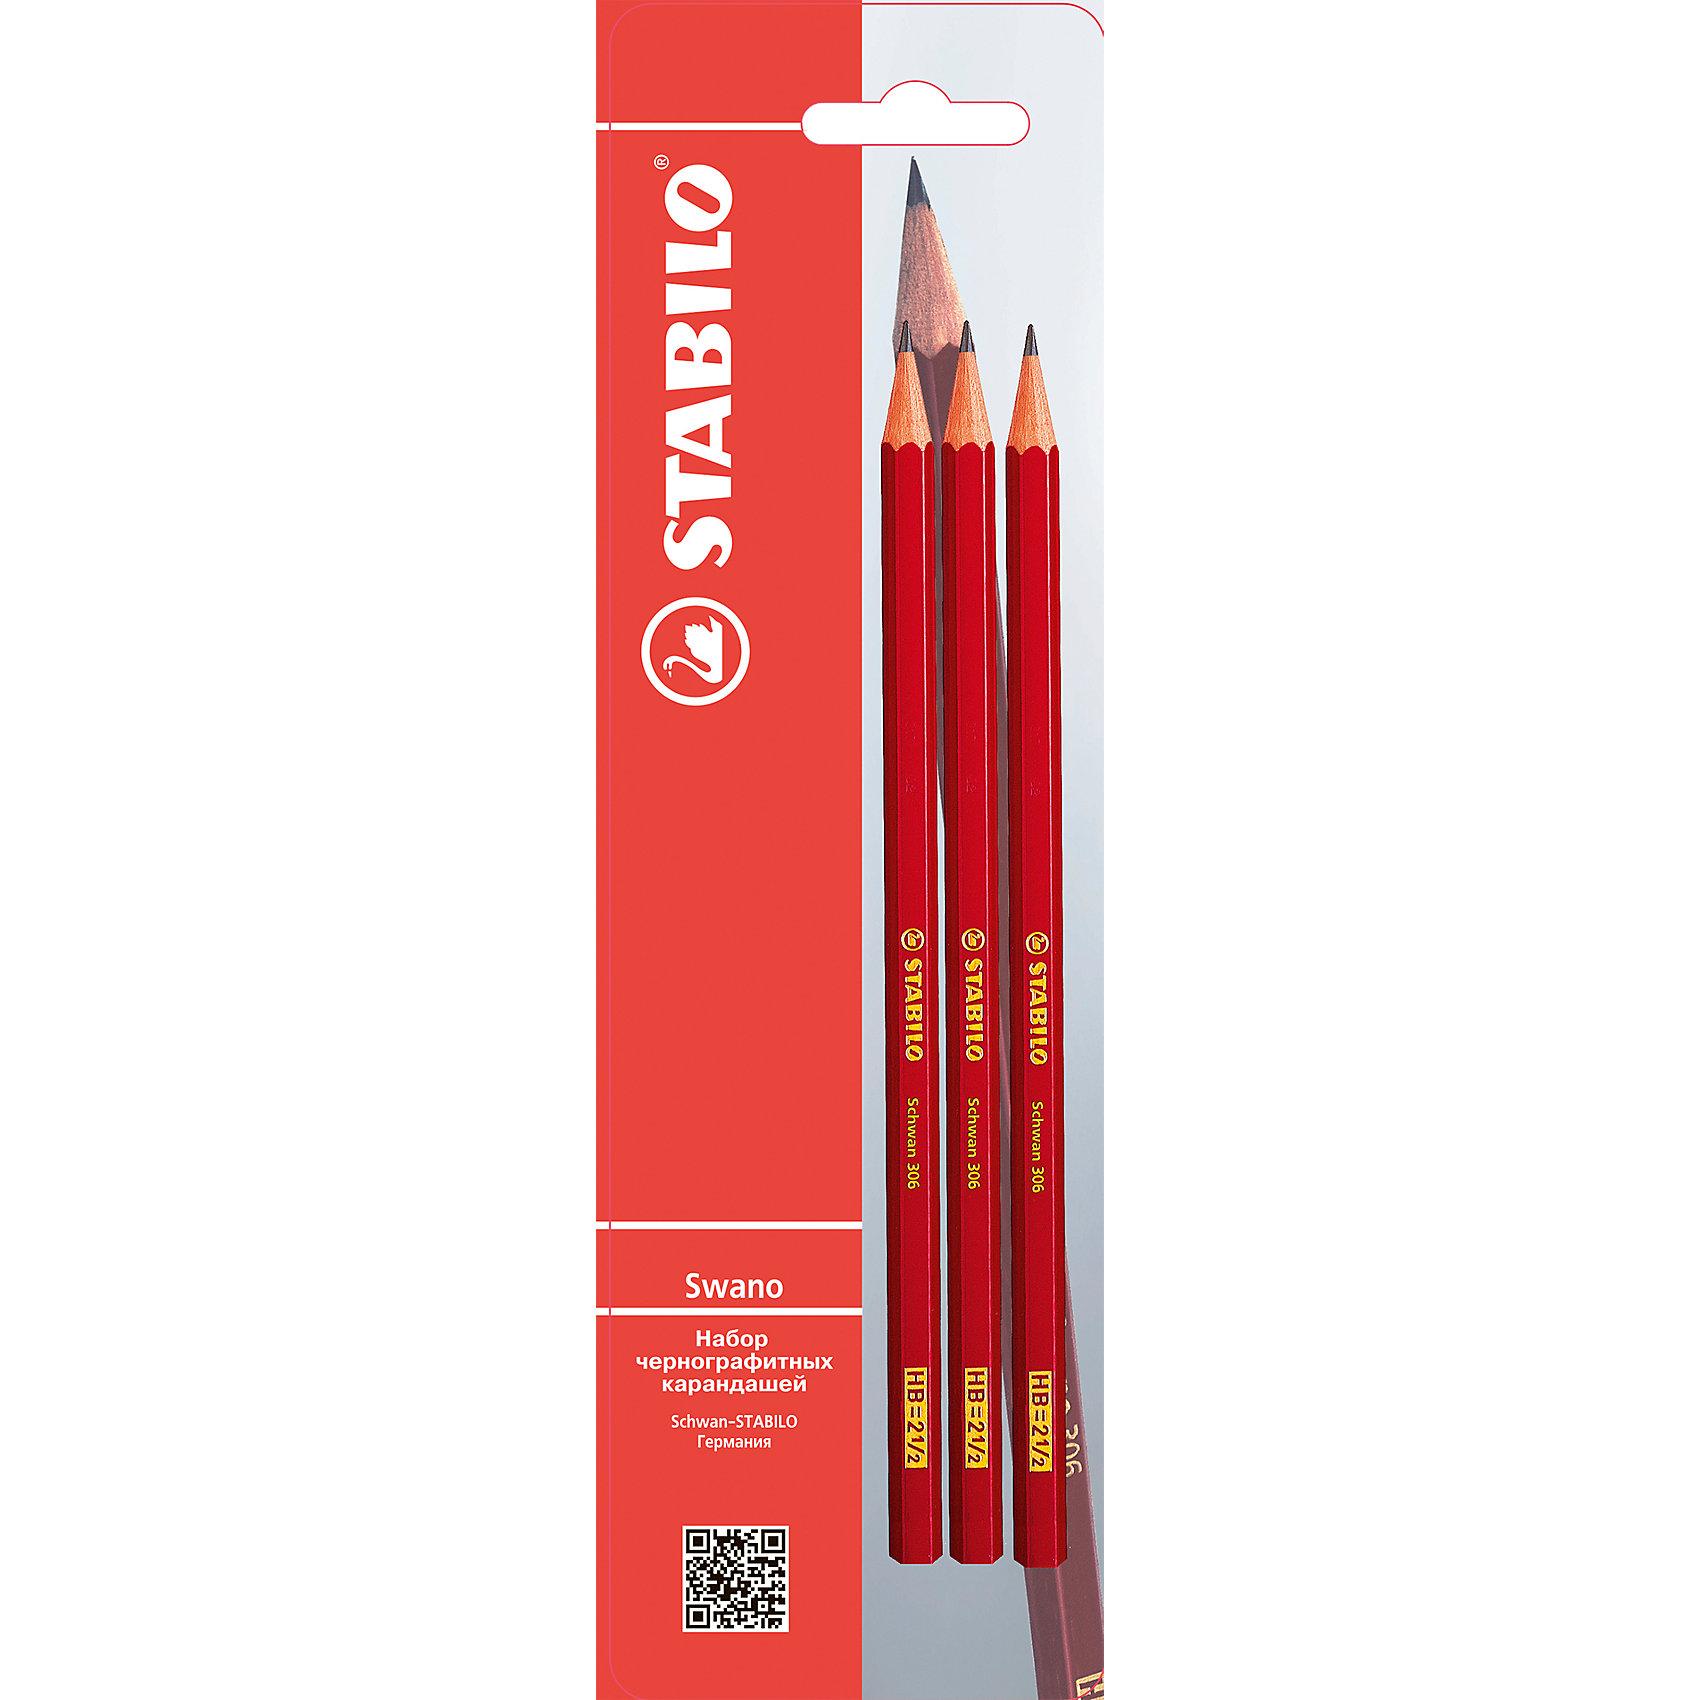 Карандаши чернографитные 3шт HBПисьменные принадлежности<br>Характеристики:<br><br>• возраст: от 3 лет<br>• в наборе: 3 чернографитных карандаша<br>• твердость: НВ<br>• материал корпуса: древесина<br>• размер упаковки: 21х8 см.<br><br>Чернографитный карандаш отлично подойдет для чертежных работ. Закаленный грифель не крошится и не ломается при заточке. Корпус изготовлен из высококачественной древесины.<br><br>Карандаши чернографитные 3шт HB можно купить в нашем интернет-магазине.<br><br>Ширина мм: 21<br>Глубина мм: 8<br>Высота мм: 1<br>Вес г: 25<br>Возраст от месяцев: 36<br>Возраст до месяцев: 2147483647<br>Пол: Унисекс<br>Возраст: Детский<br>SKU: 6873775